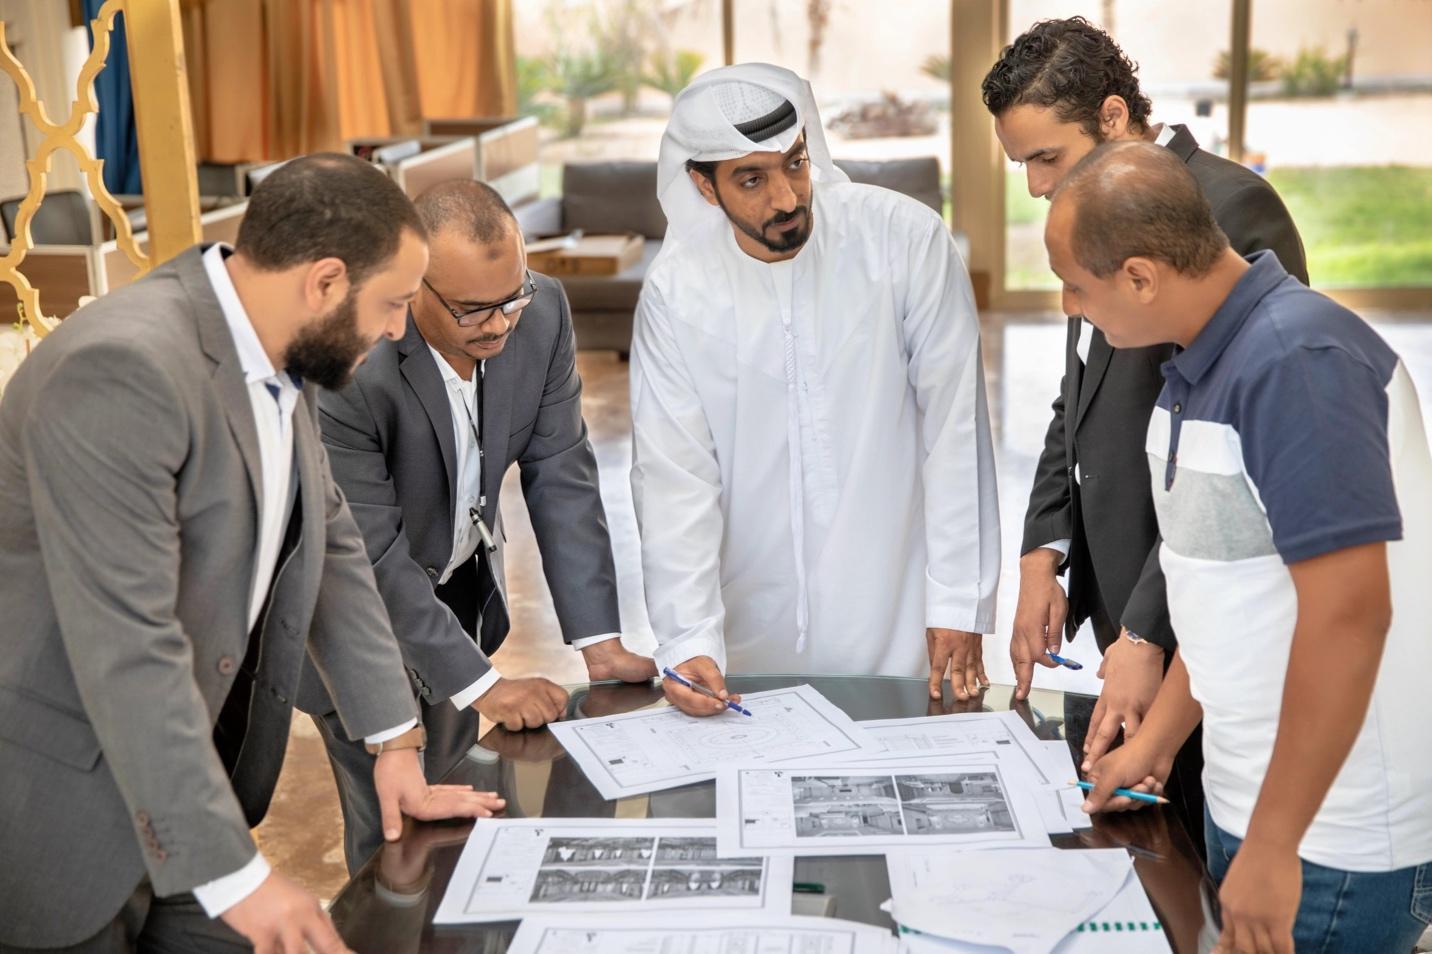 أفكار مشاريع مربحة وحق الامتياز 483938708